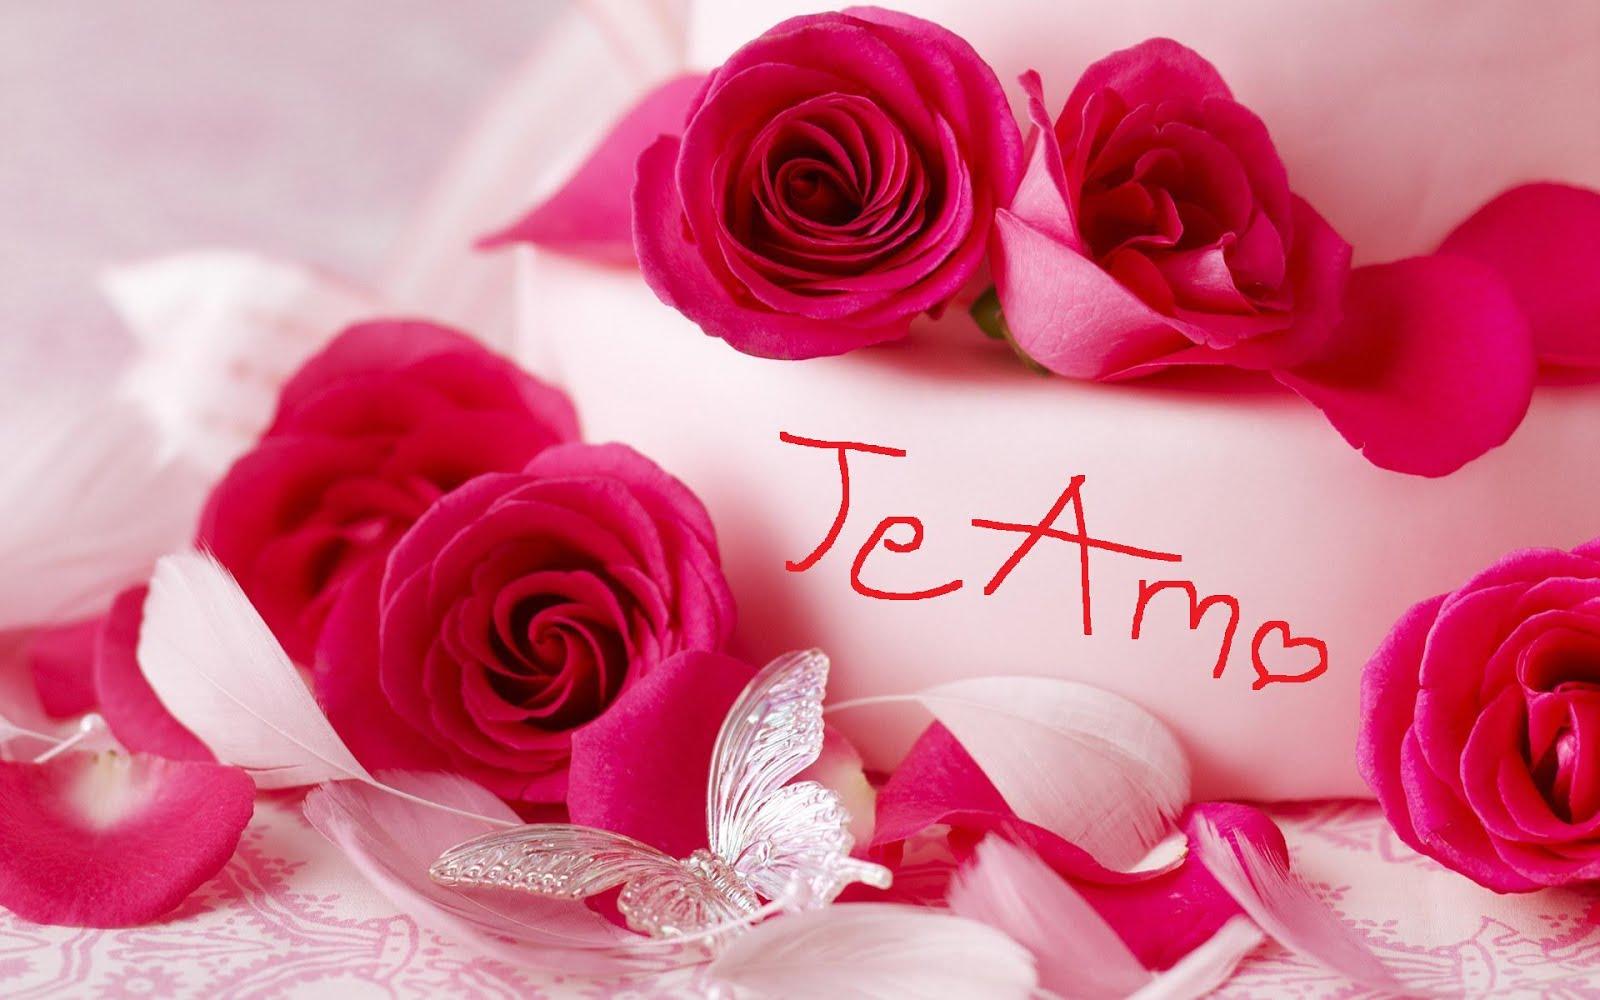 Image gallery hermosas rosas - Rosas rosas hermosas ...